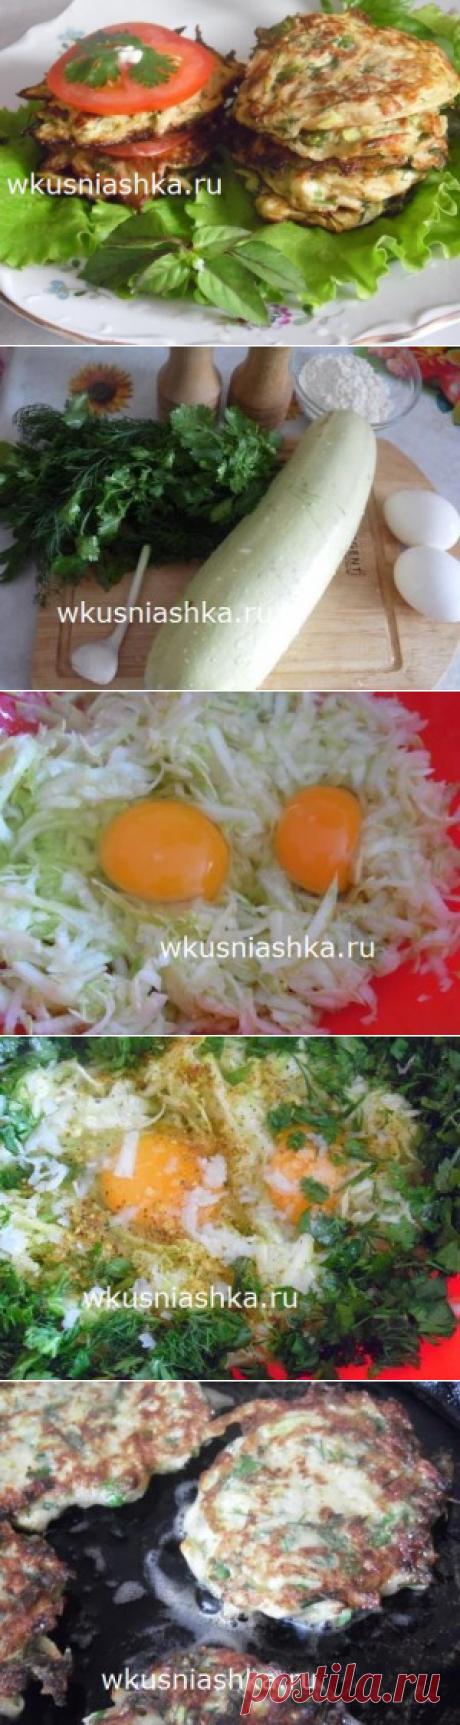 оладьи из кабачка пошаговый рецепт | Кулинарные рецепты вкусно